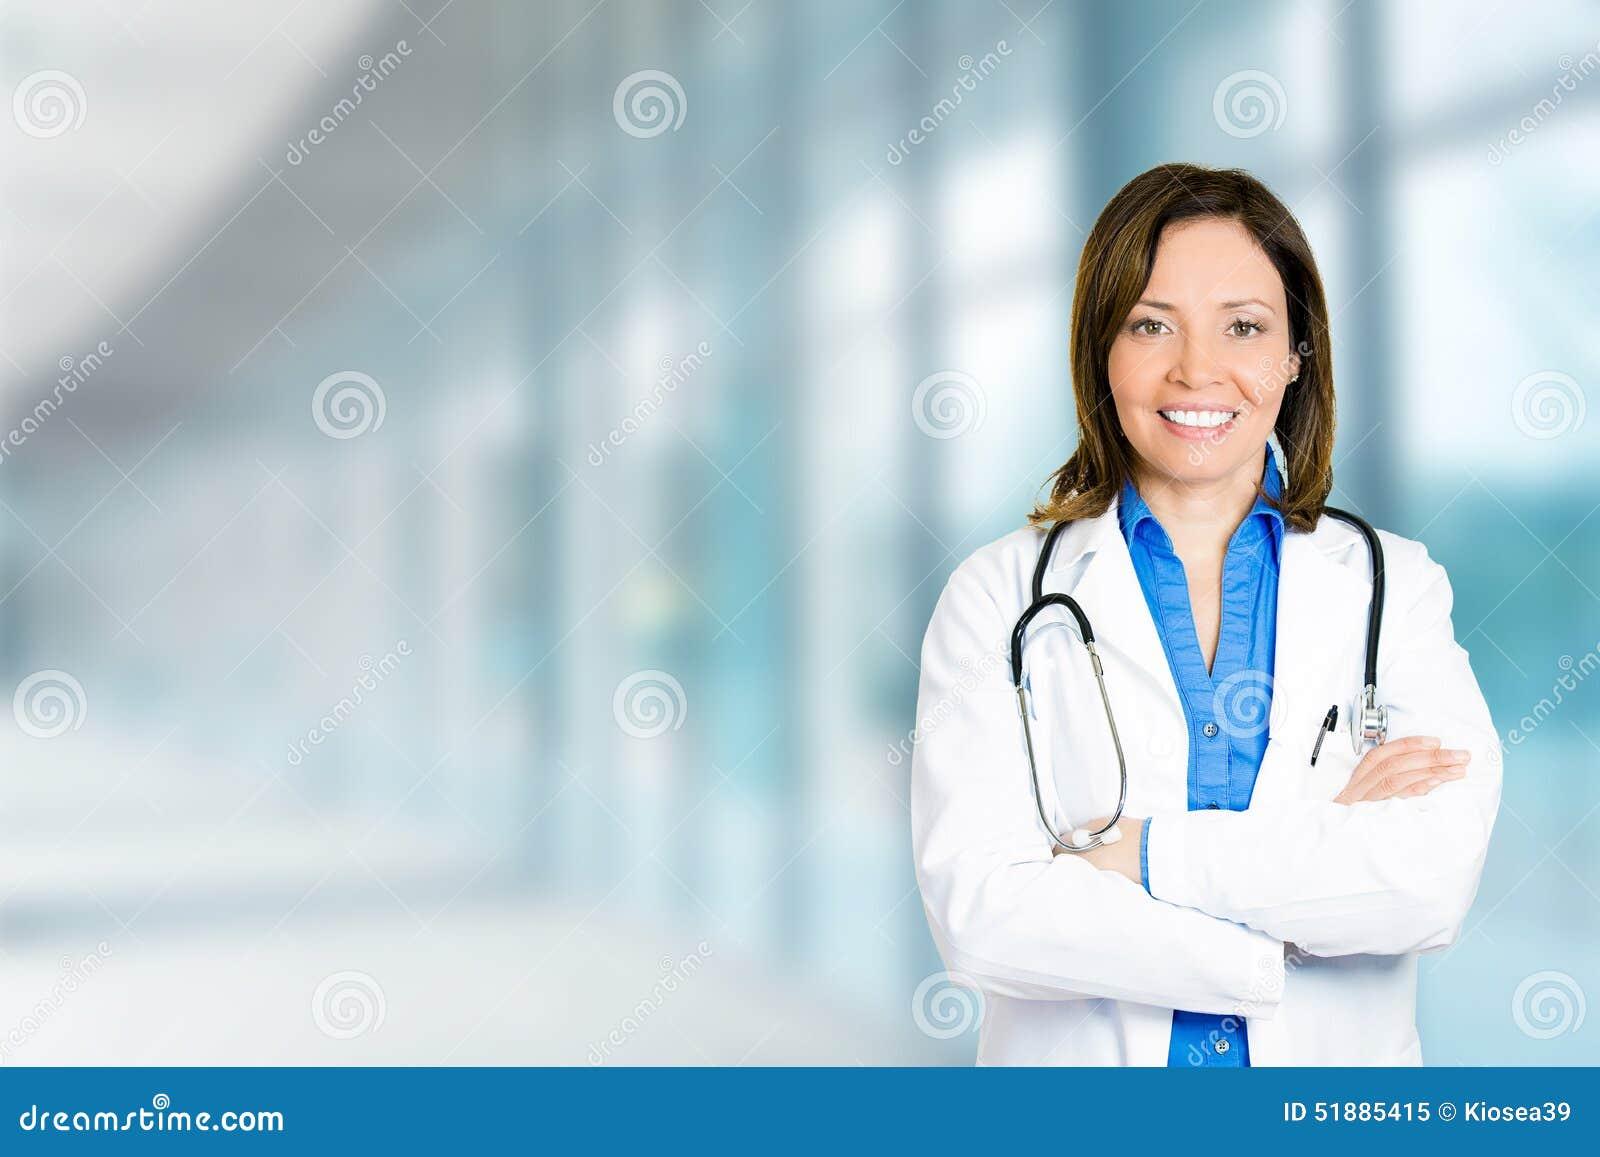 Female medical frozen images 26